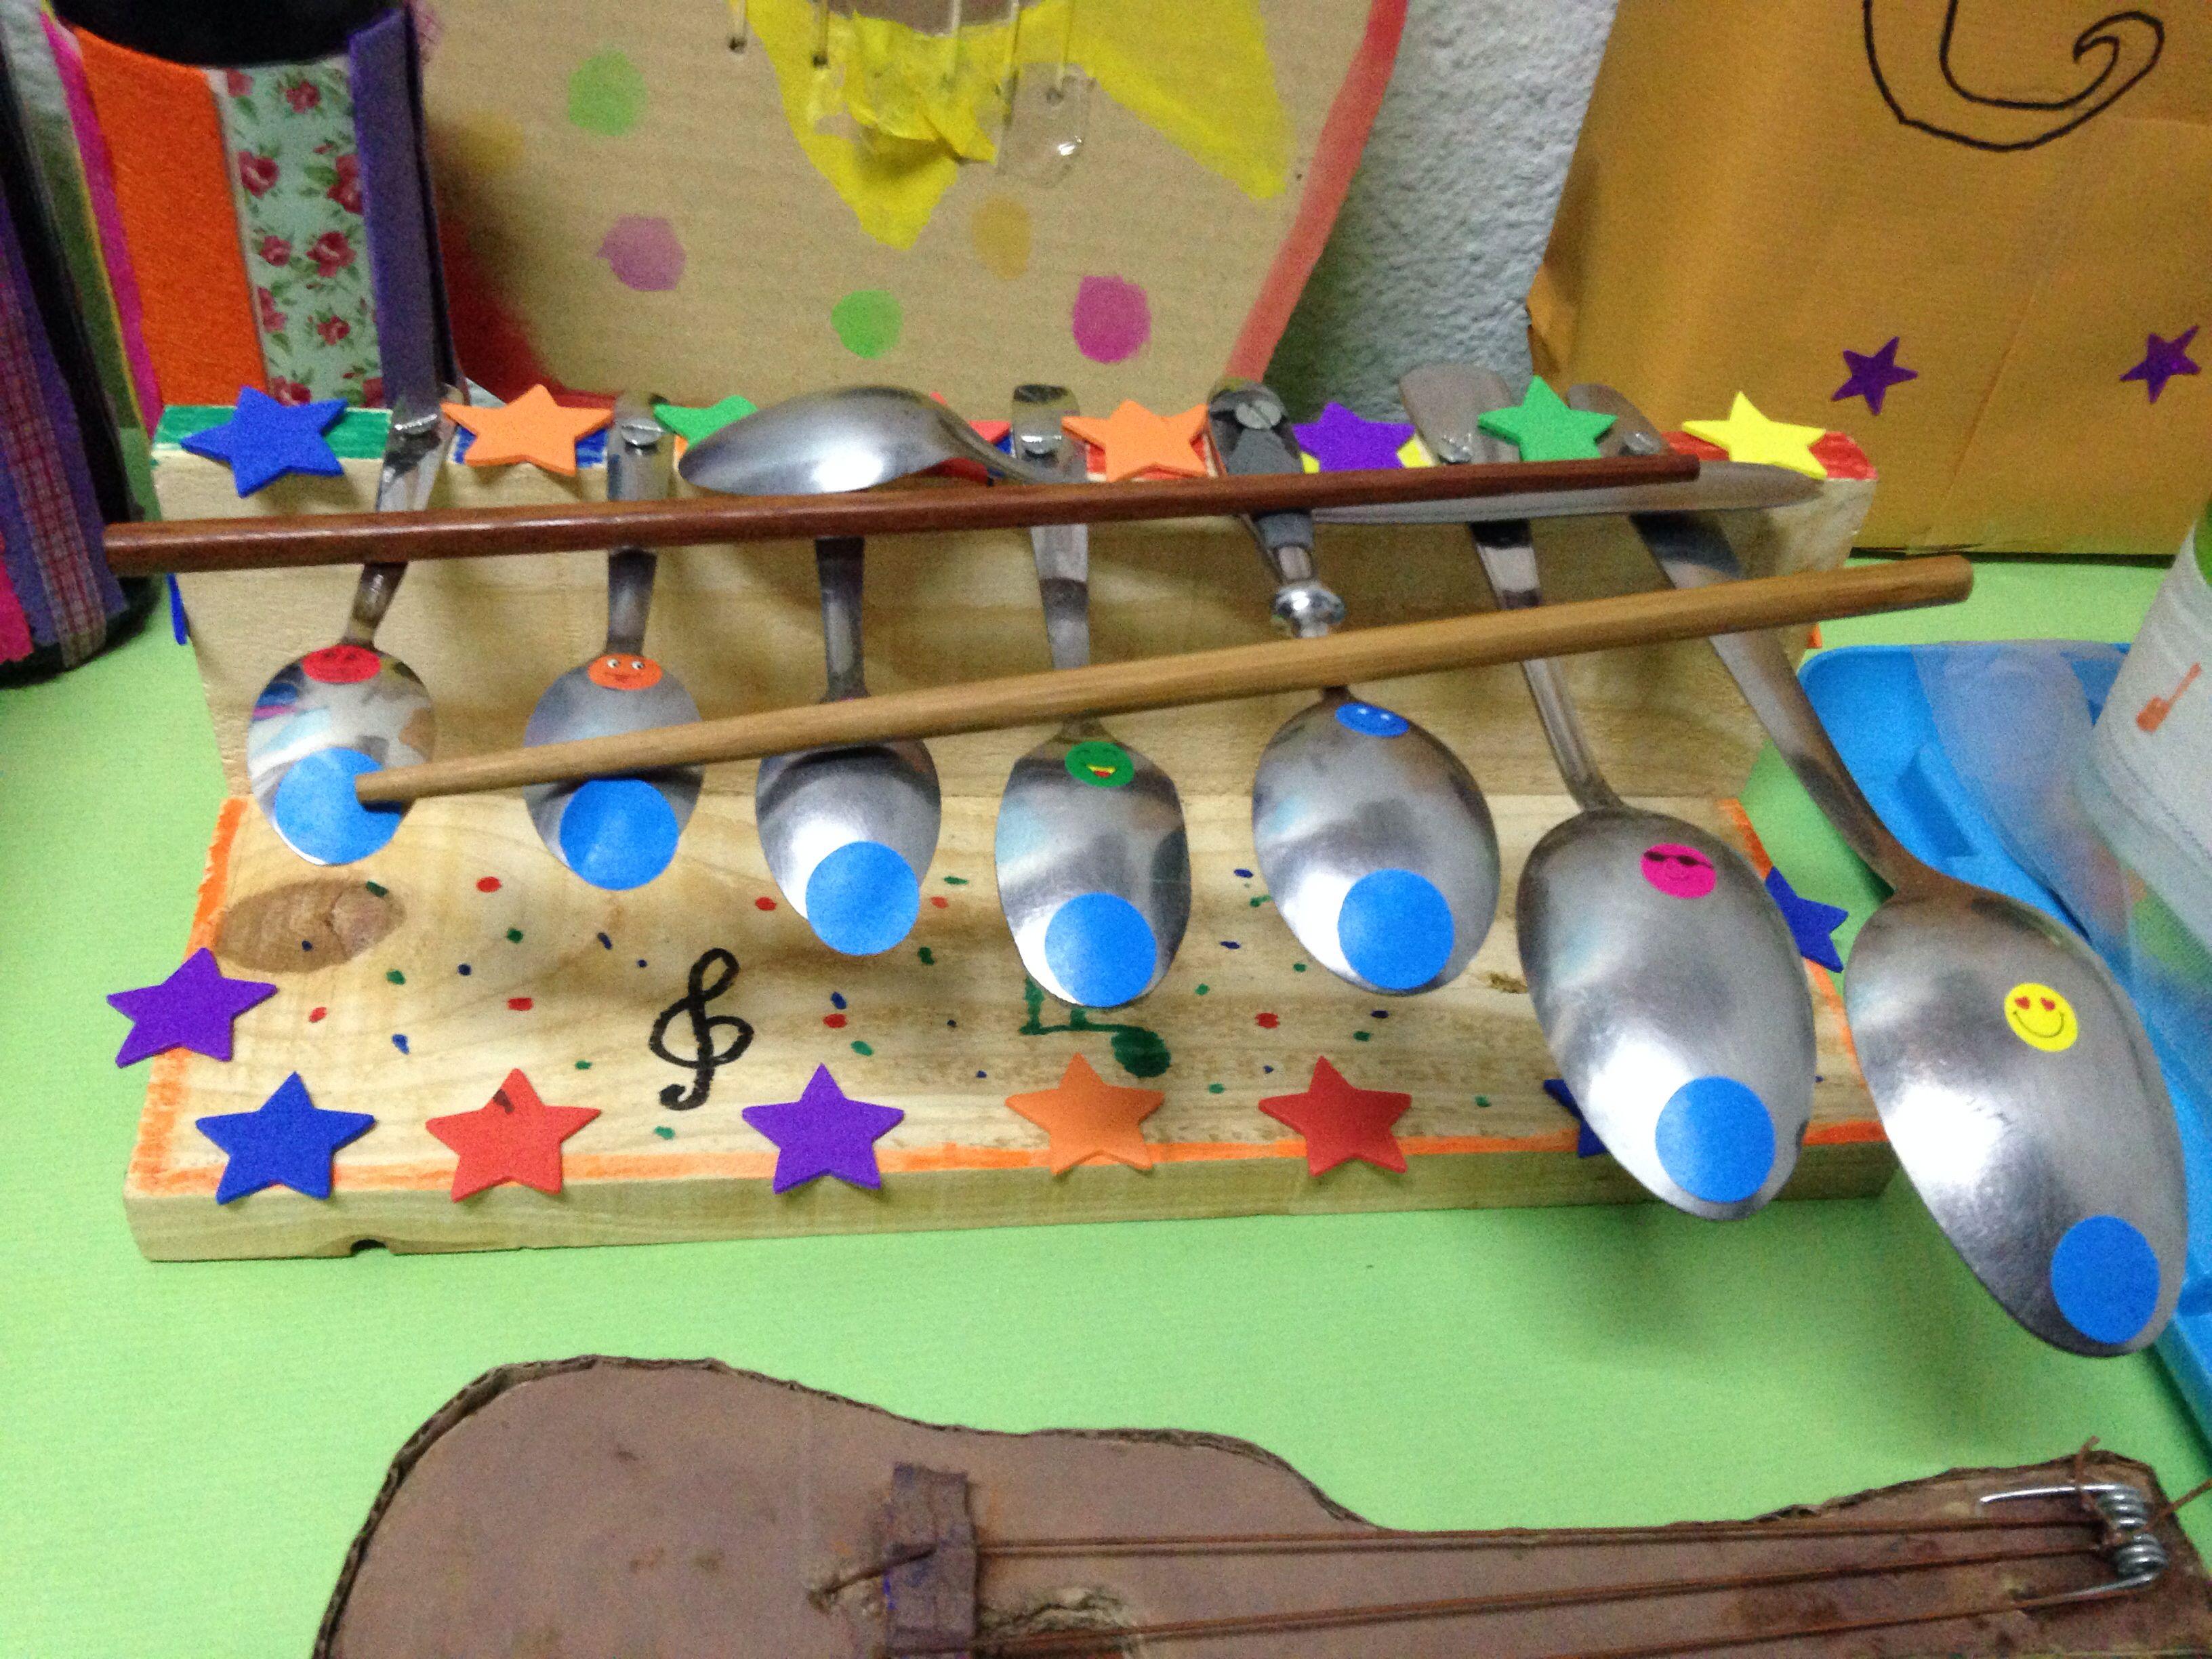 Pin de Natalia Chinchilla en Manualidades | Instrumentos musicales caseros,  Instrumentos artesanales, Instrumento musical reciclado